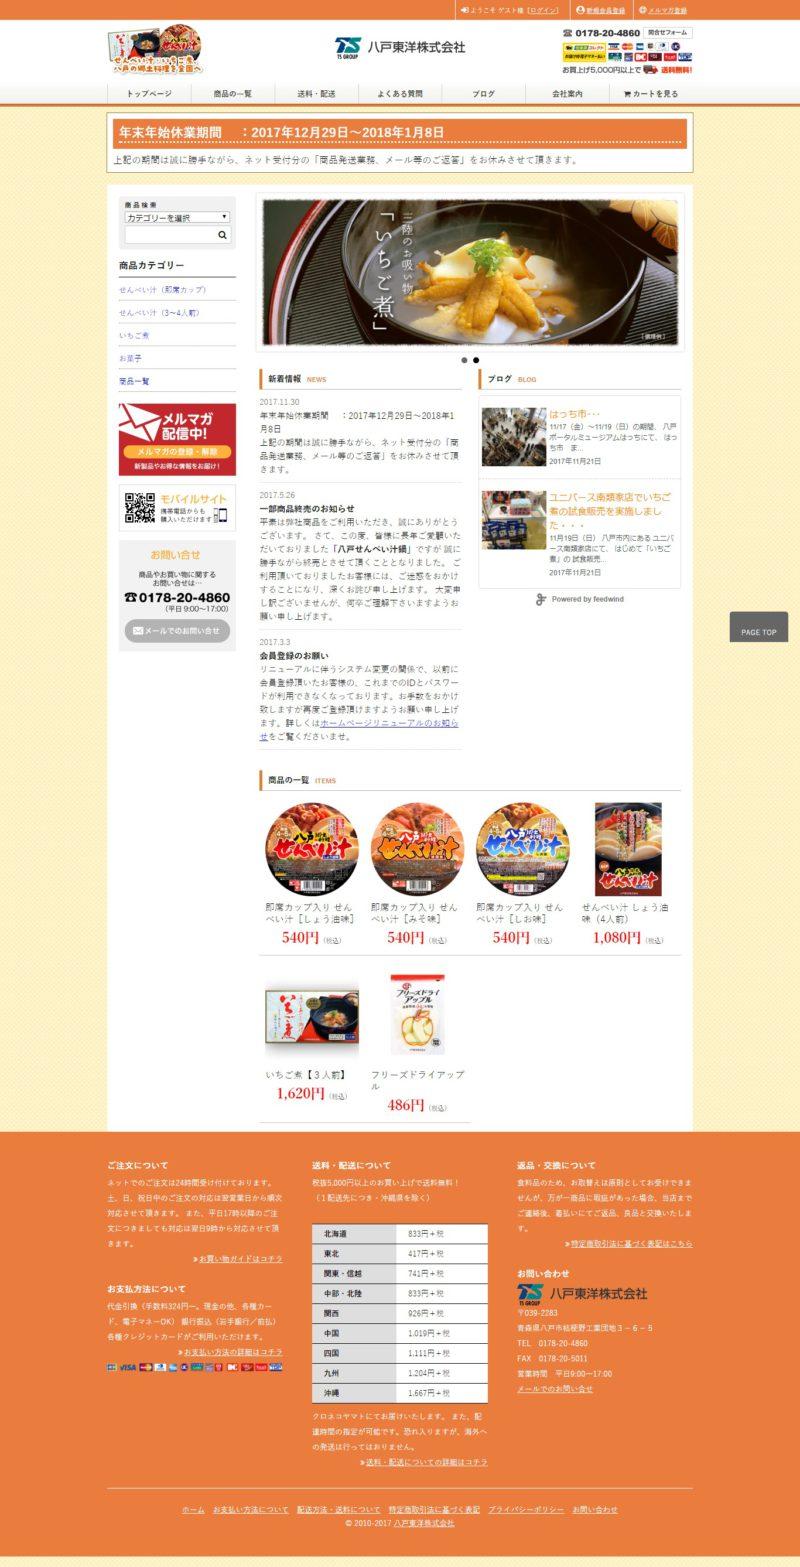 八戸東洋株式会社